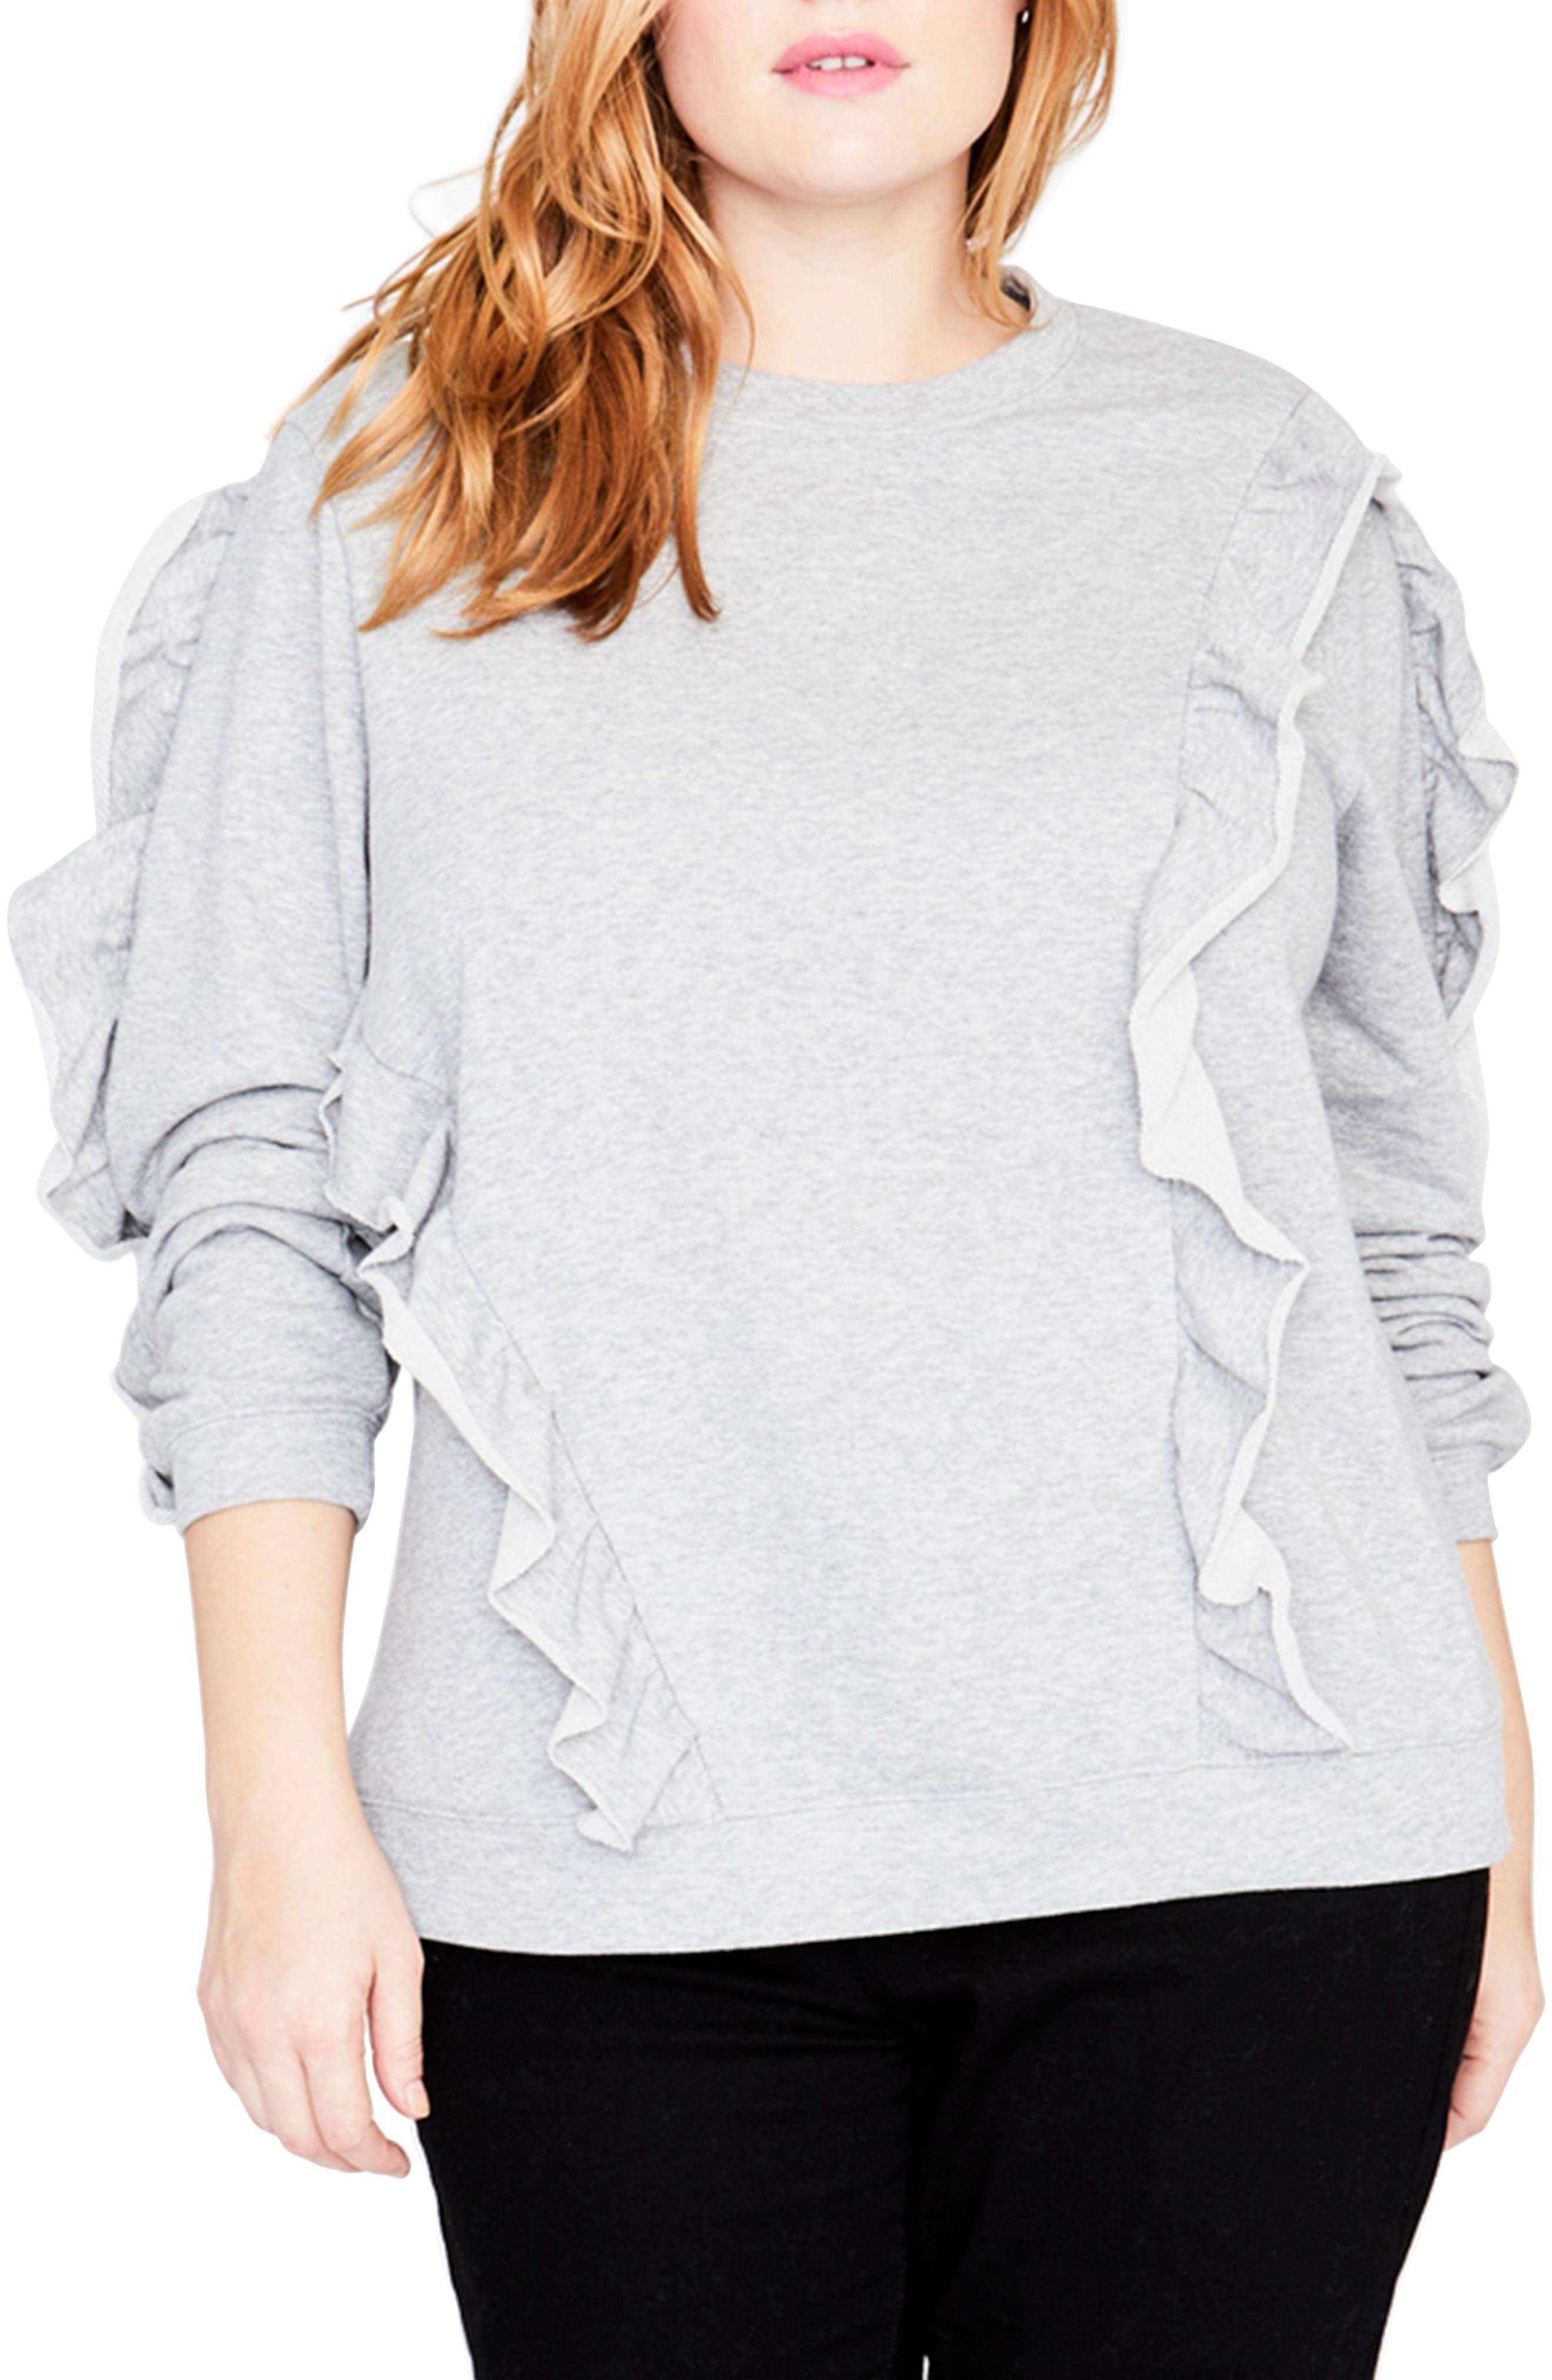 Main Image - RACHEL Rachel Roy Ruffle Sweatshirt (Plus Size)